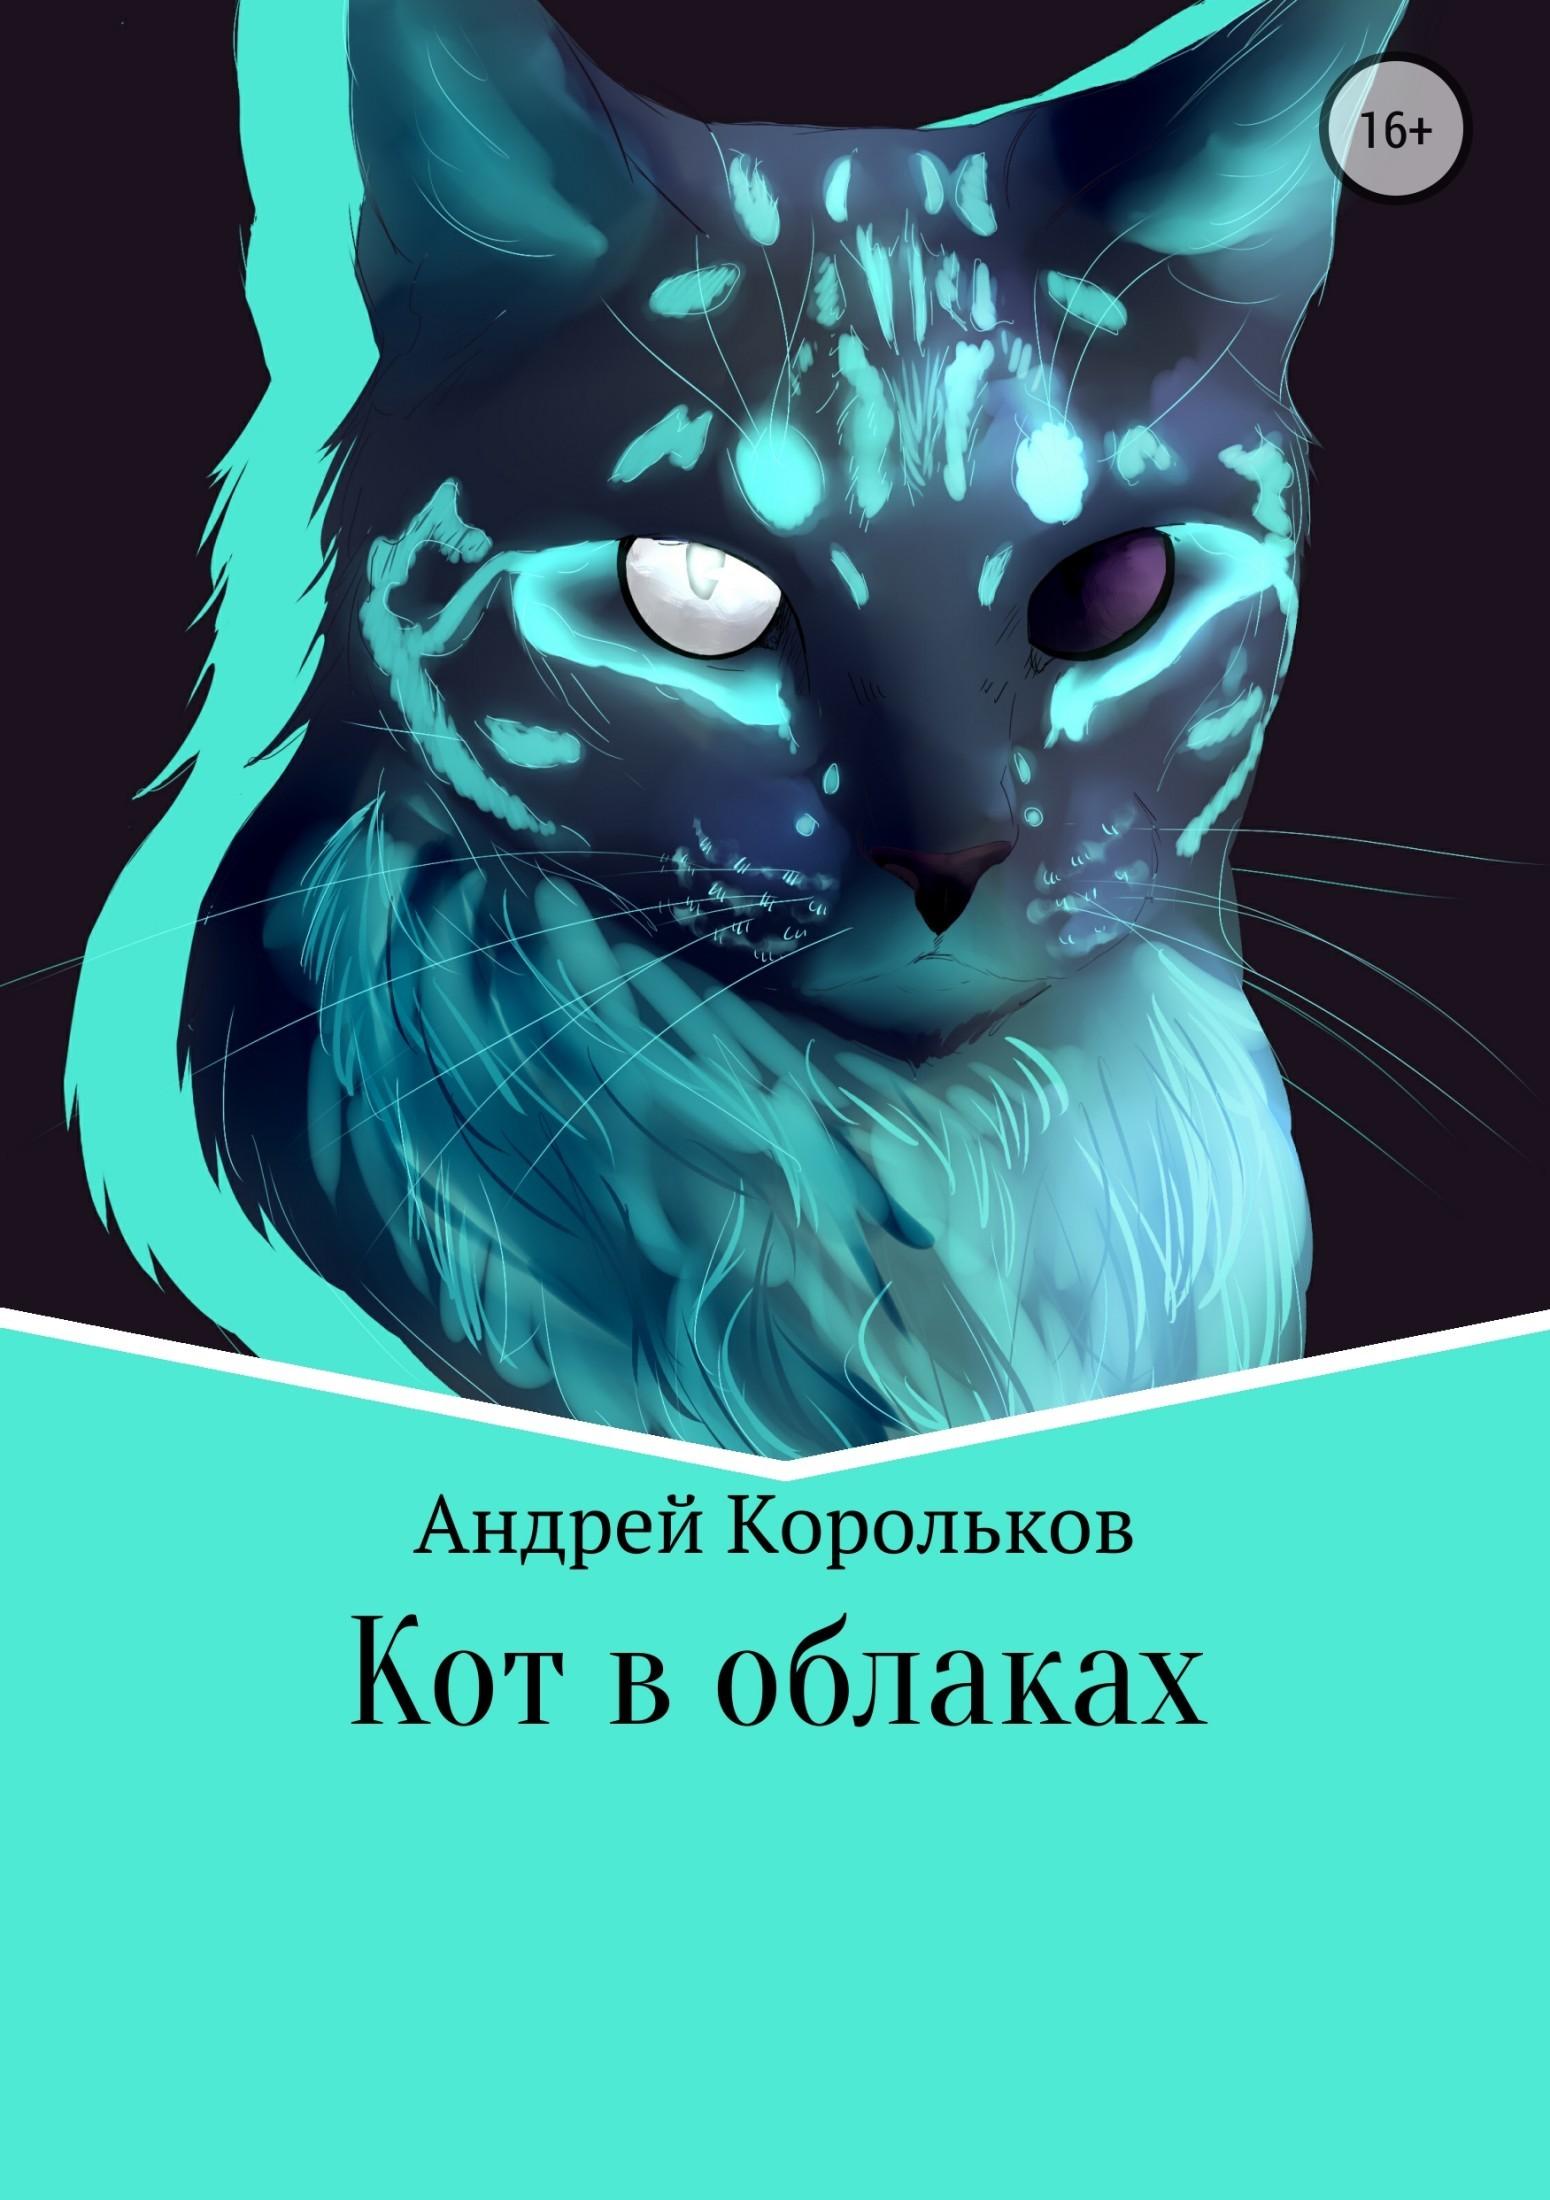 Андрей Корольков Кот в облаках